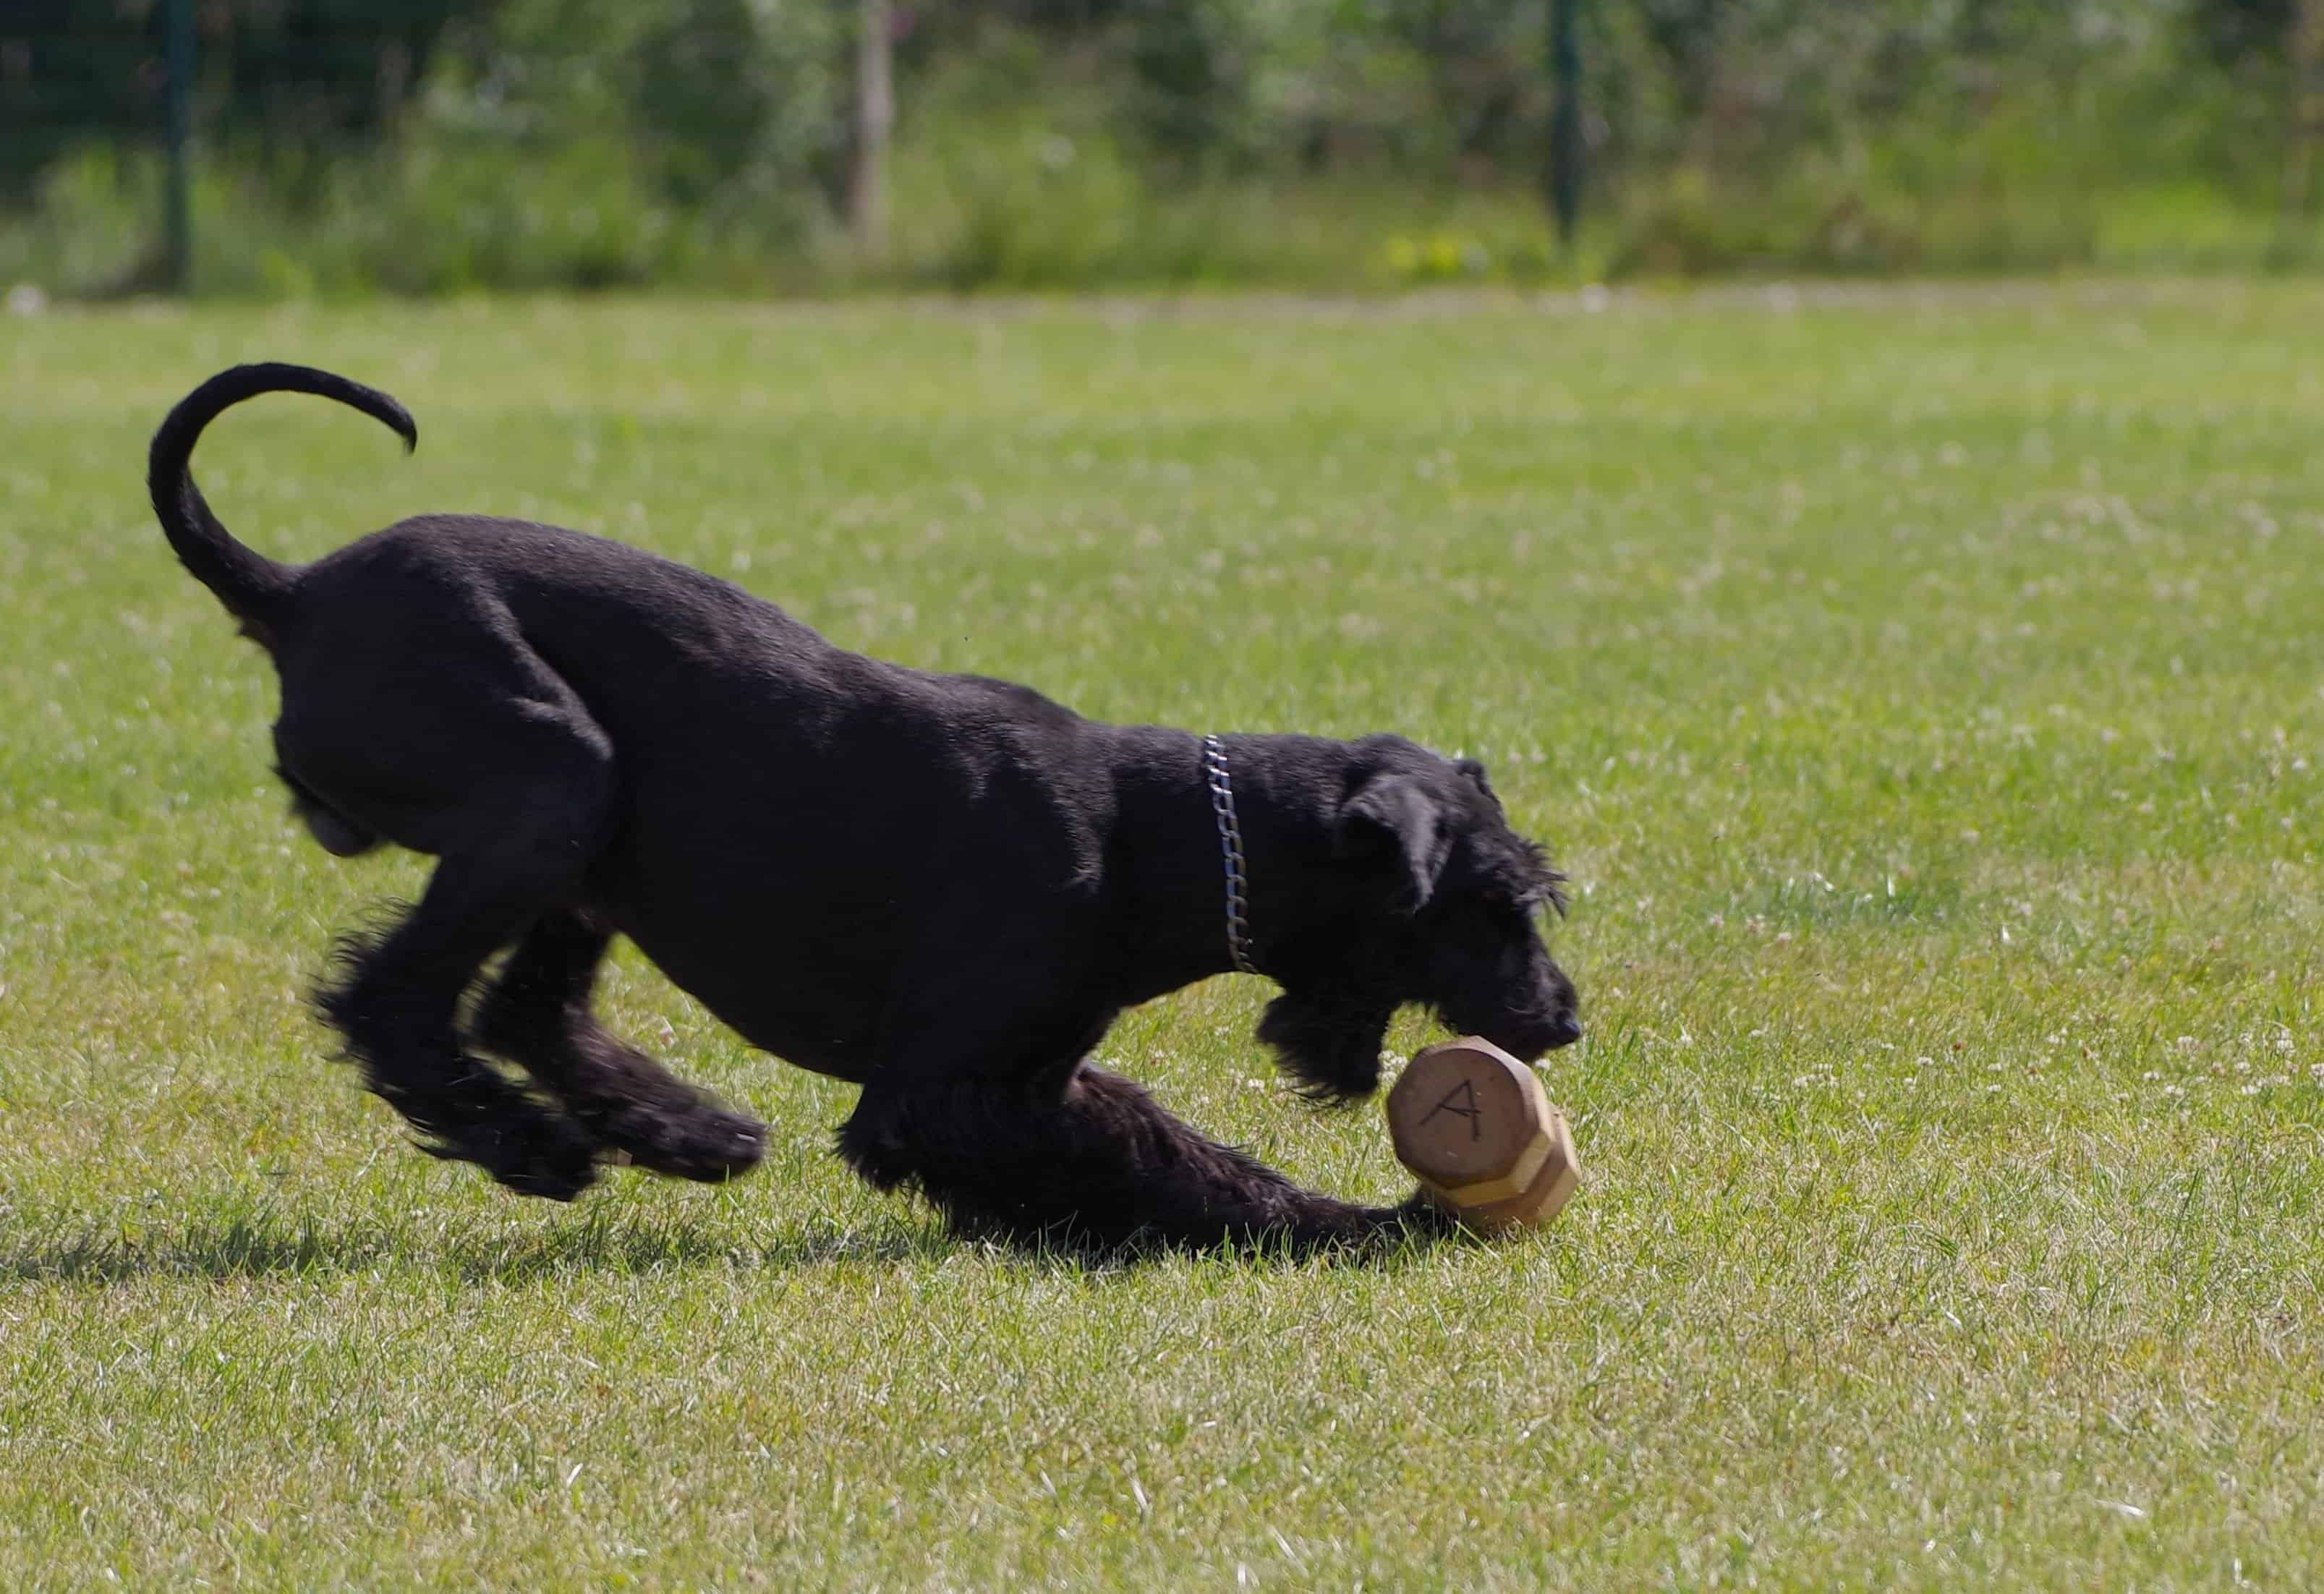 Giant Schnauzer Guard Dog